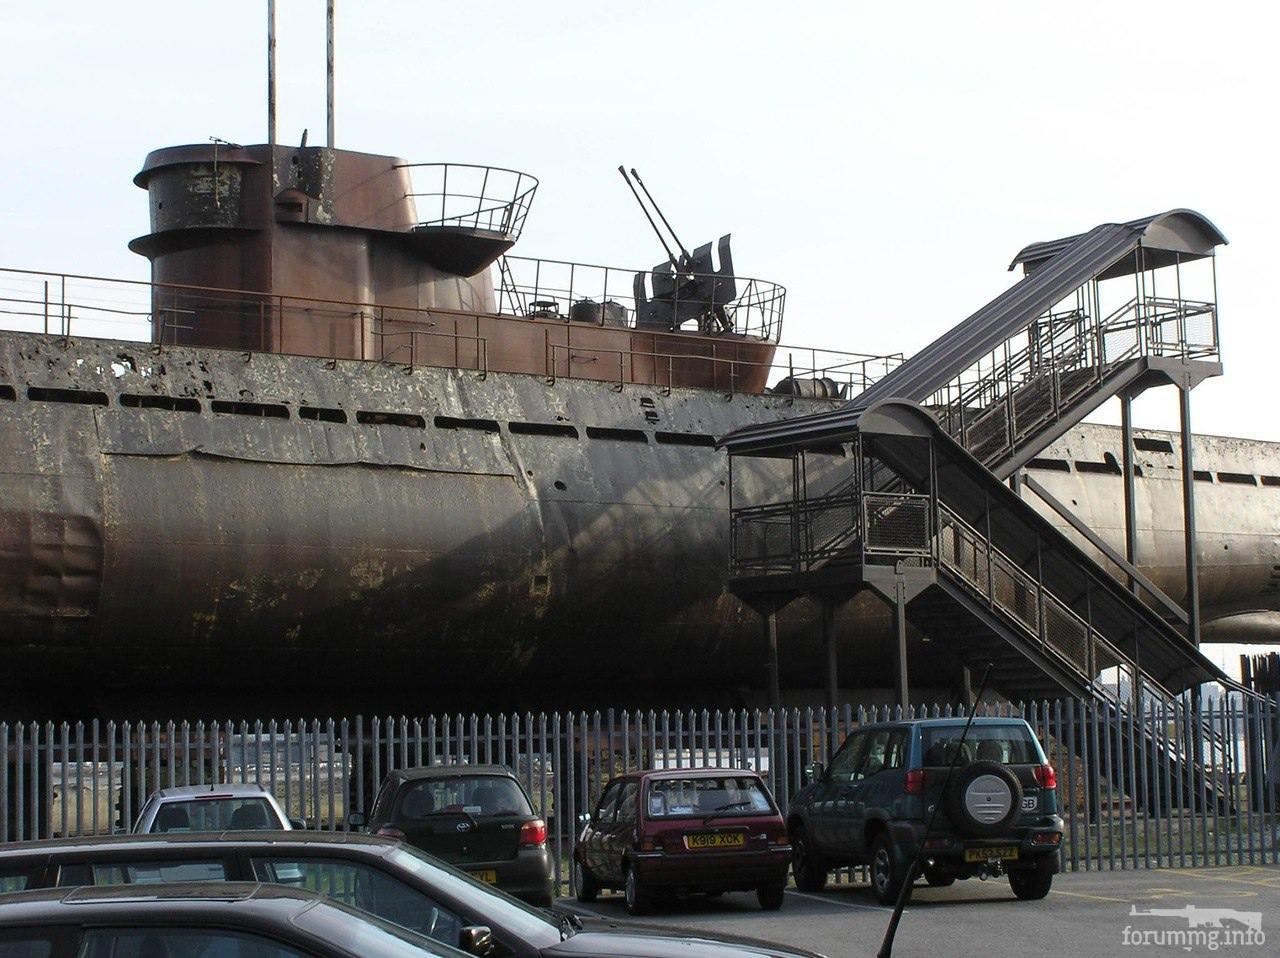 127349 - Как сделать музей с U-534